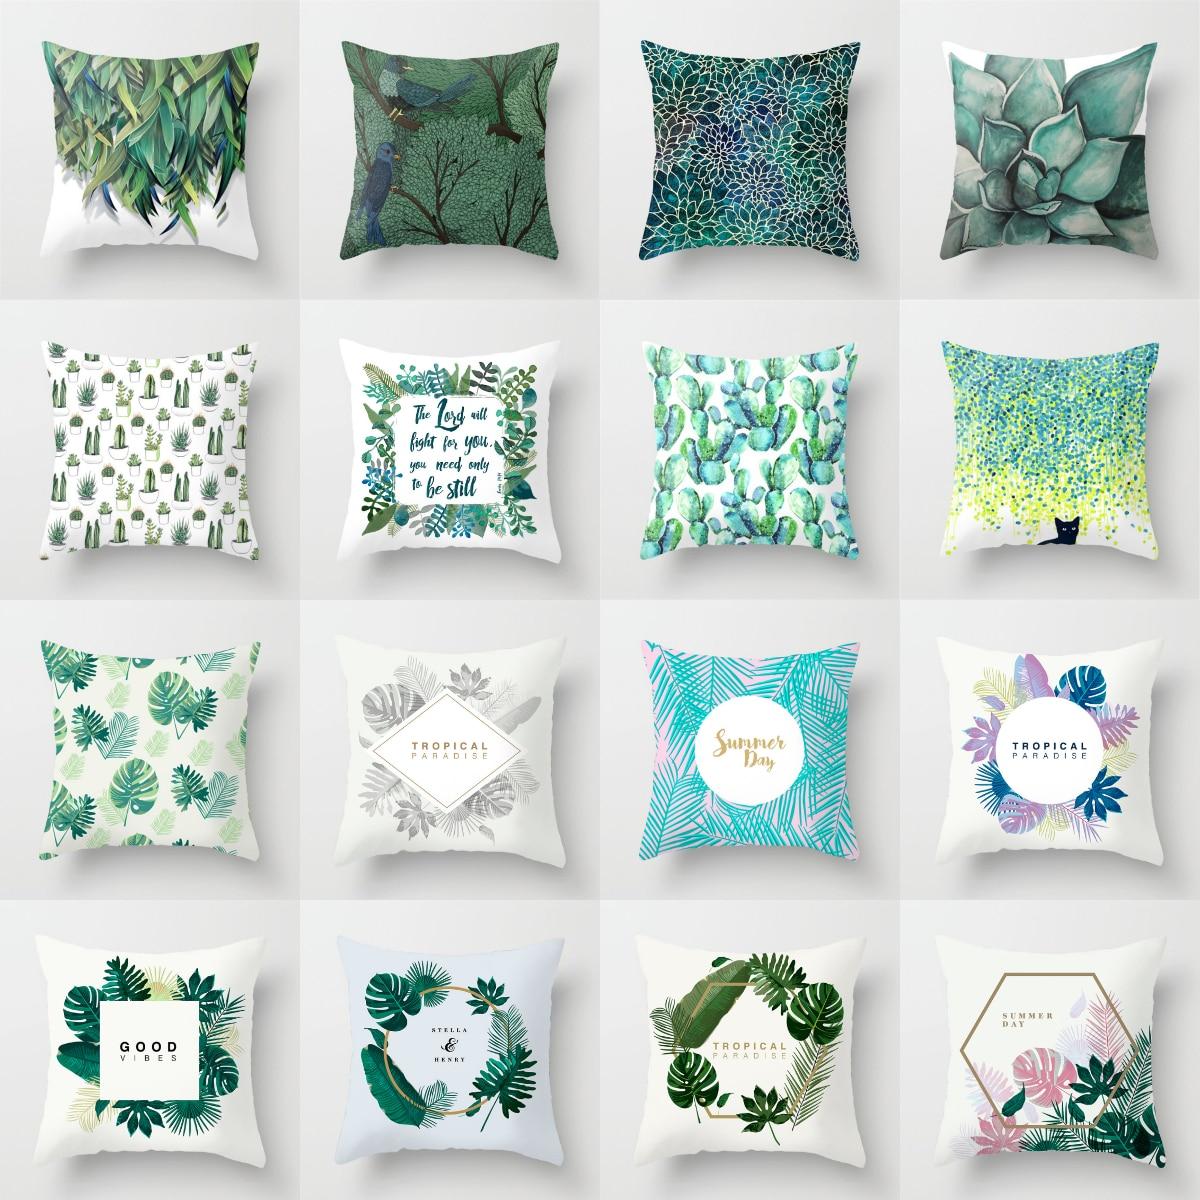 Fundas de cojín modernas de plantas tropicales, verdes y azules, fundas de almohada de poliéster nórdicas geométricas con letras y Guirnalda Floral, cojines para sofá